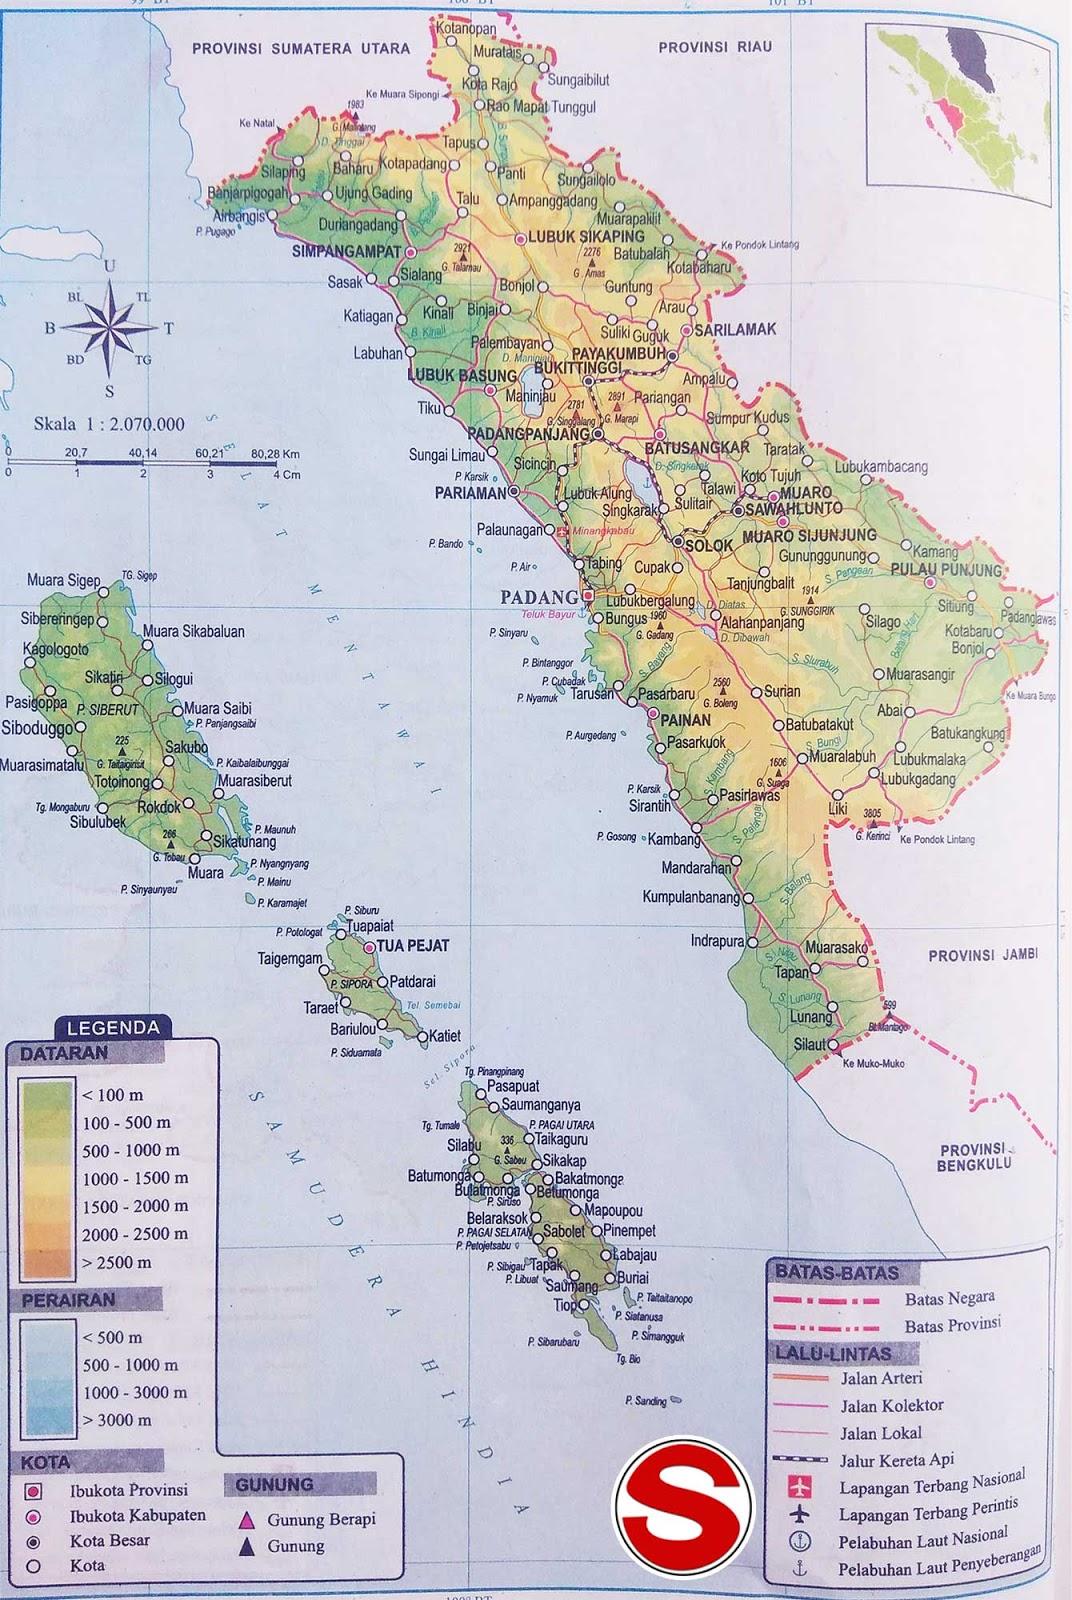 Peta Sumatera Barat di bawah ini mencakup peta dataran Peta Provinsi Sumatera Barat Lengkap Penjelasannya